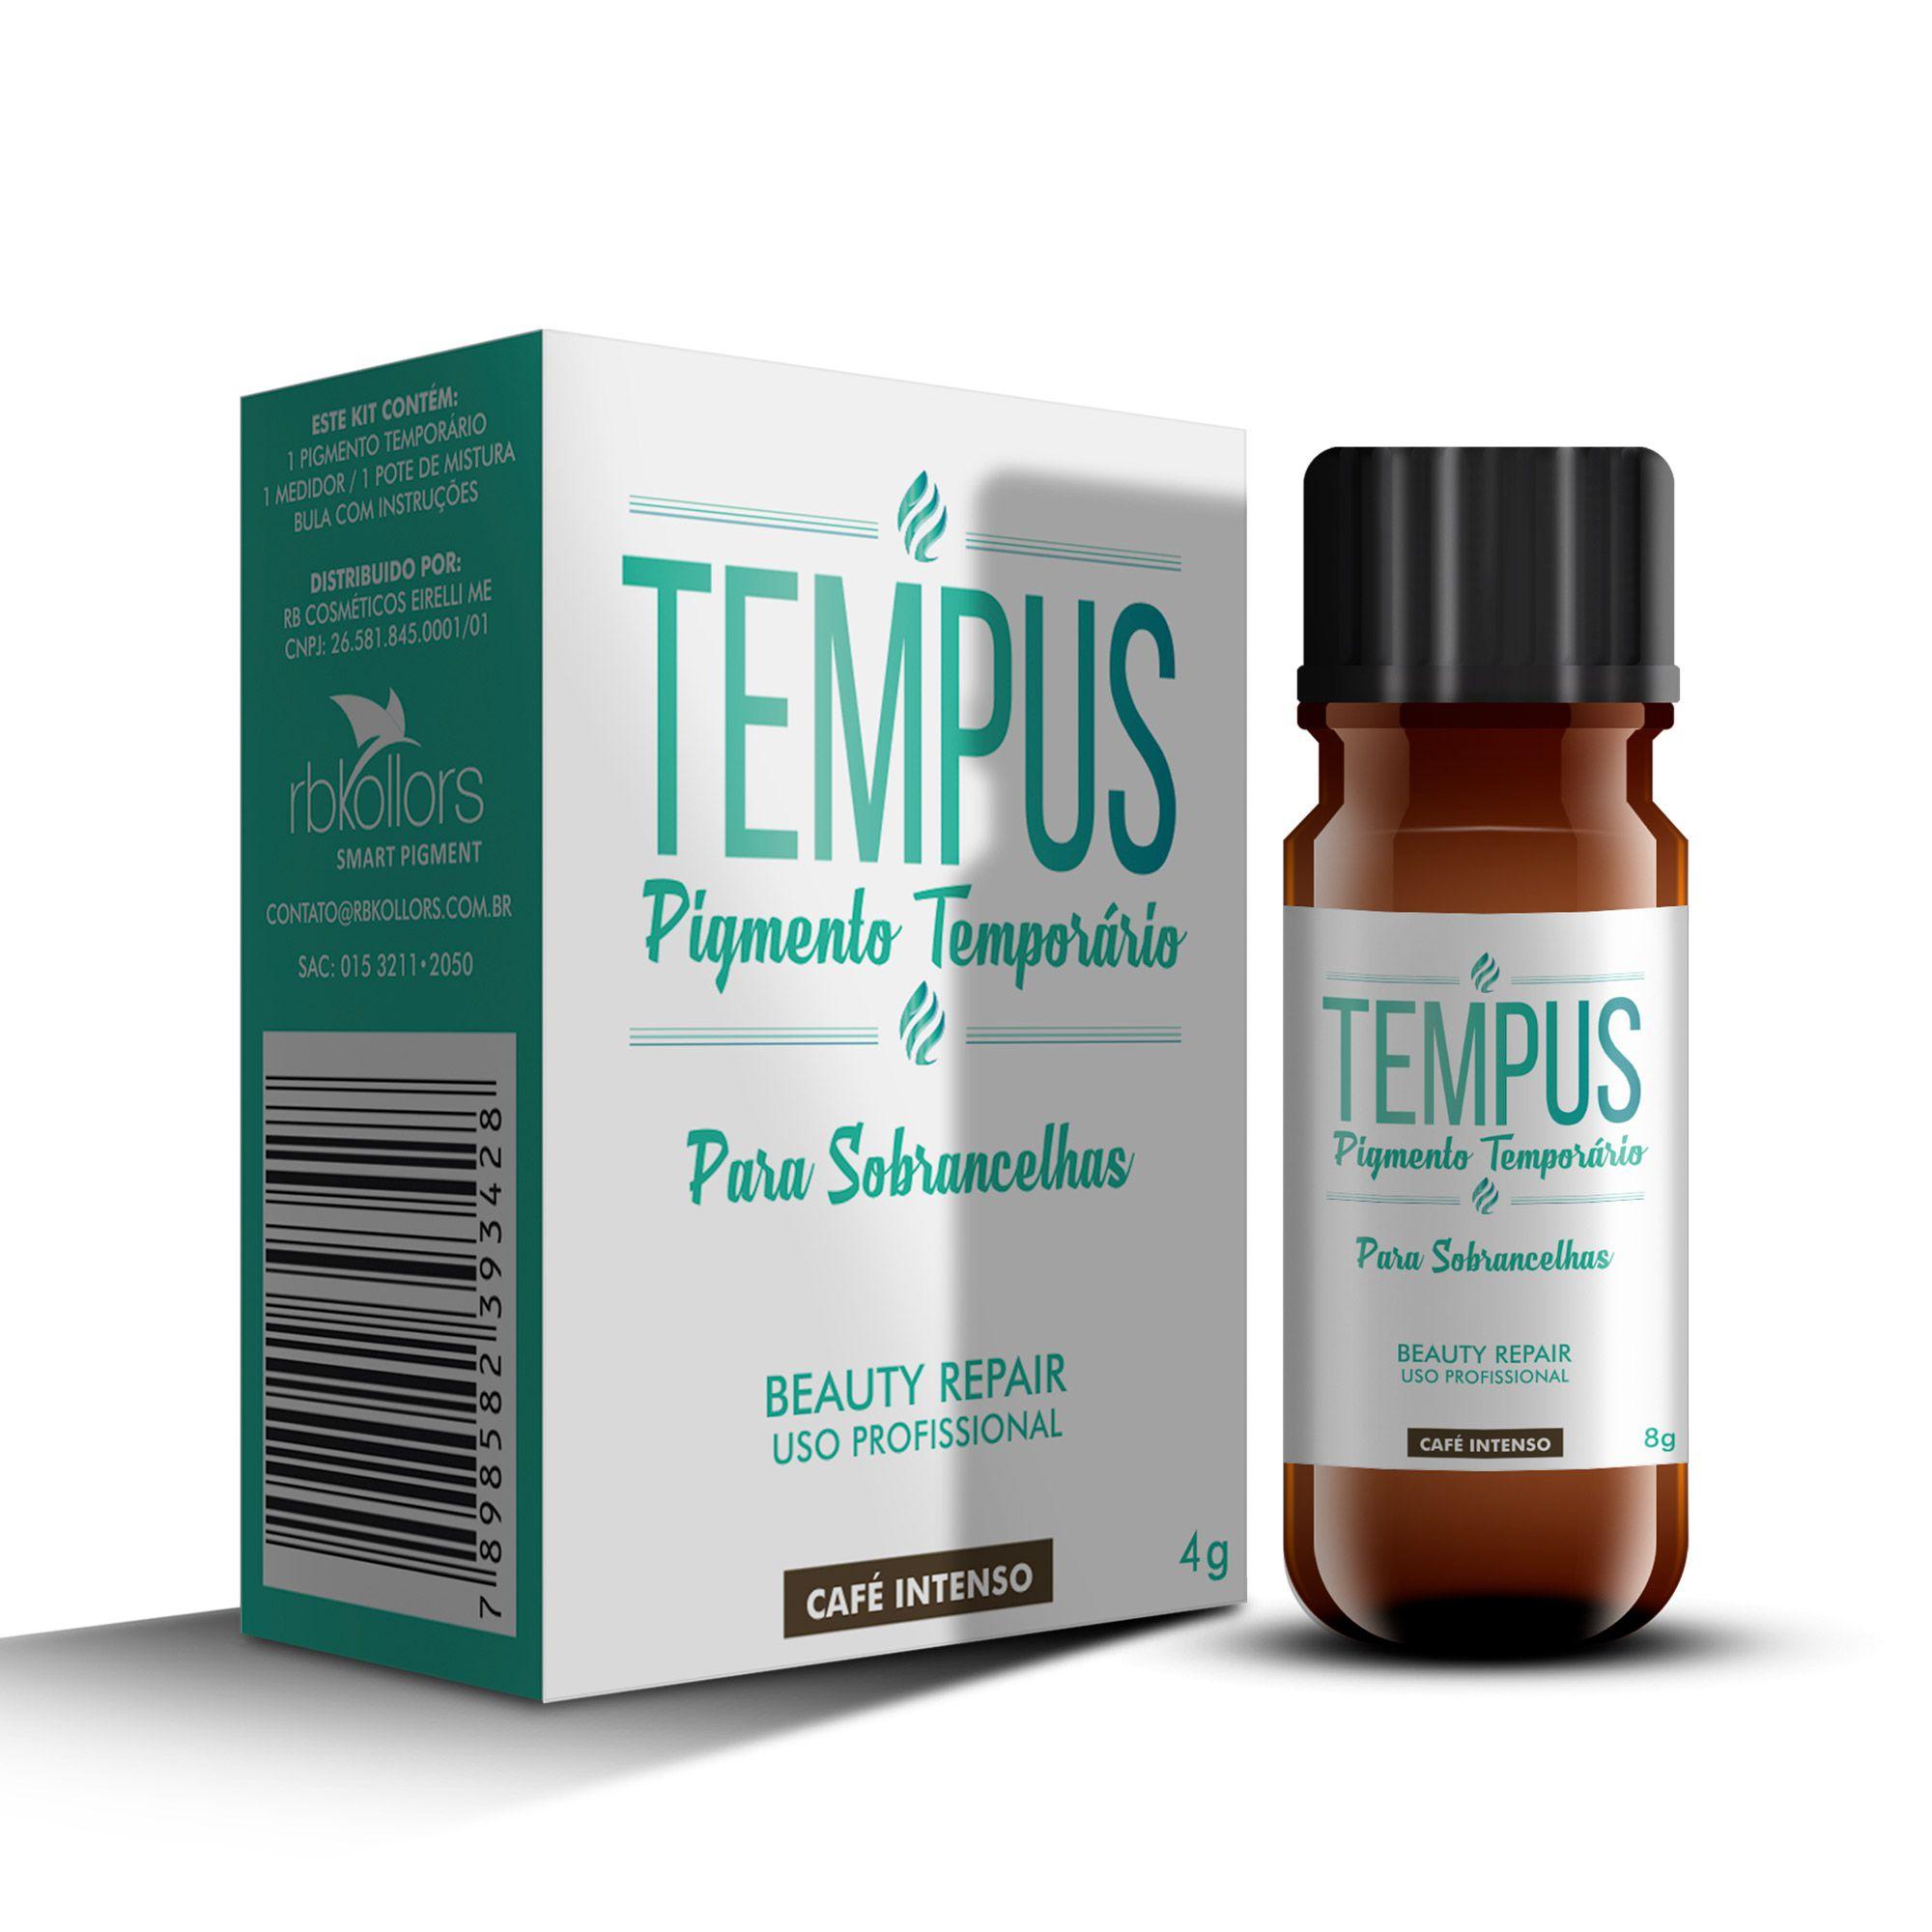 TEMPUS PIGMENTO TEMPORARIO-CAFE INTENSO4G